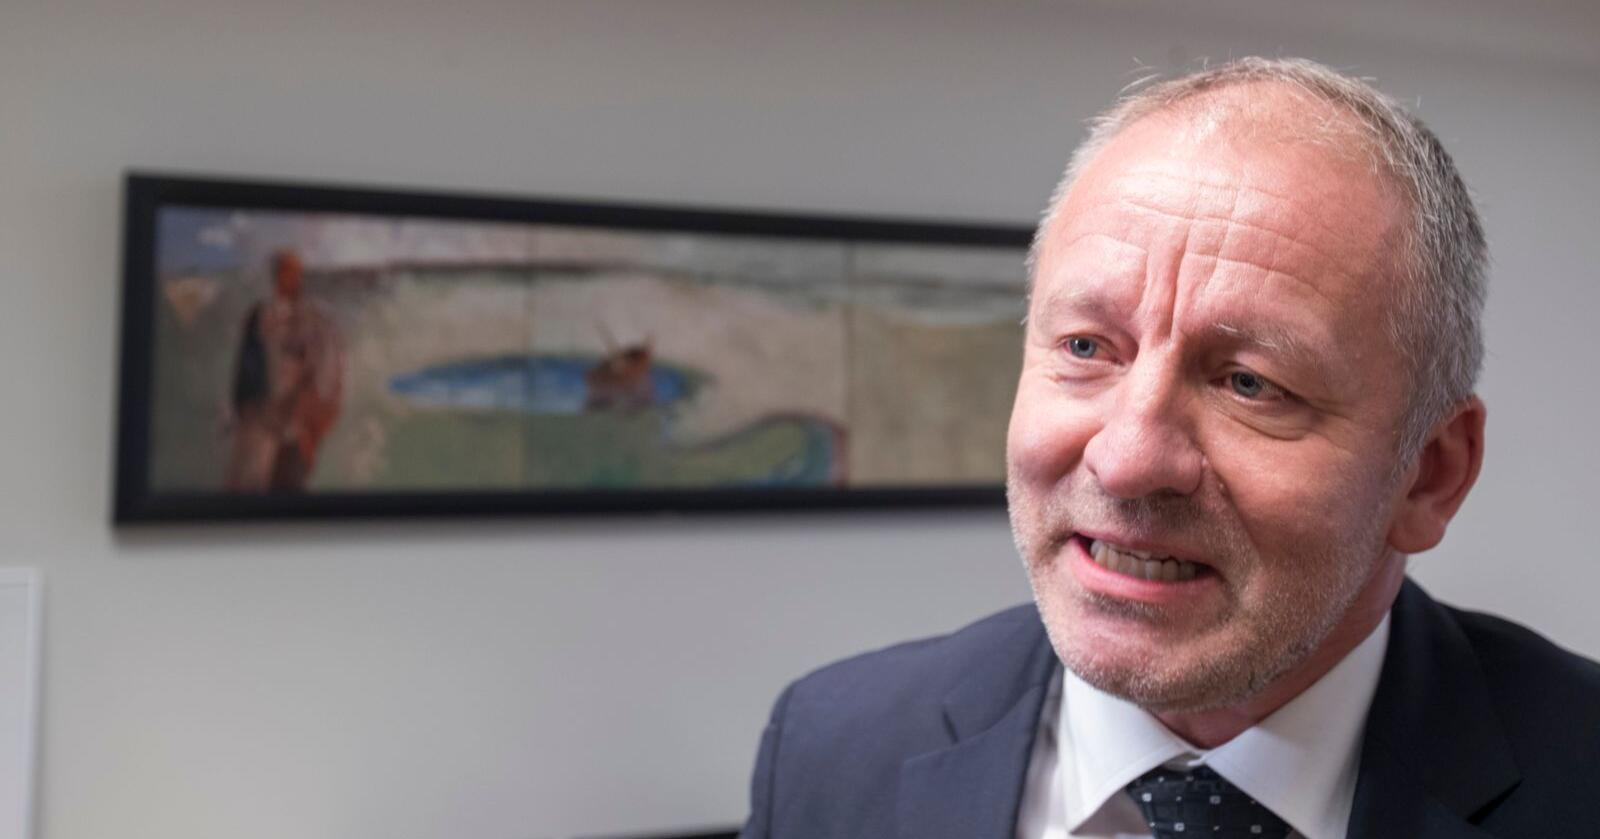 Geir-Inge Sivertsen (H) tok over som fiskeriminister etter Harald T. Nesvik (Frp) 24. januar. Foto: Terje Pedersen / NTB scanpix